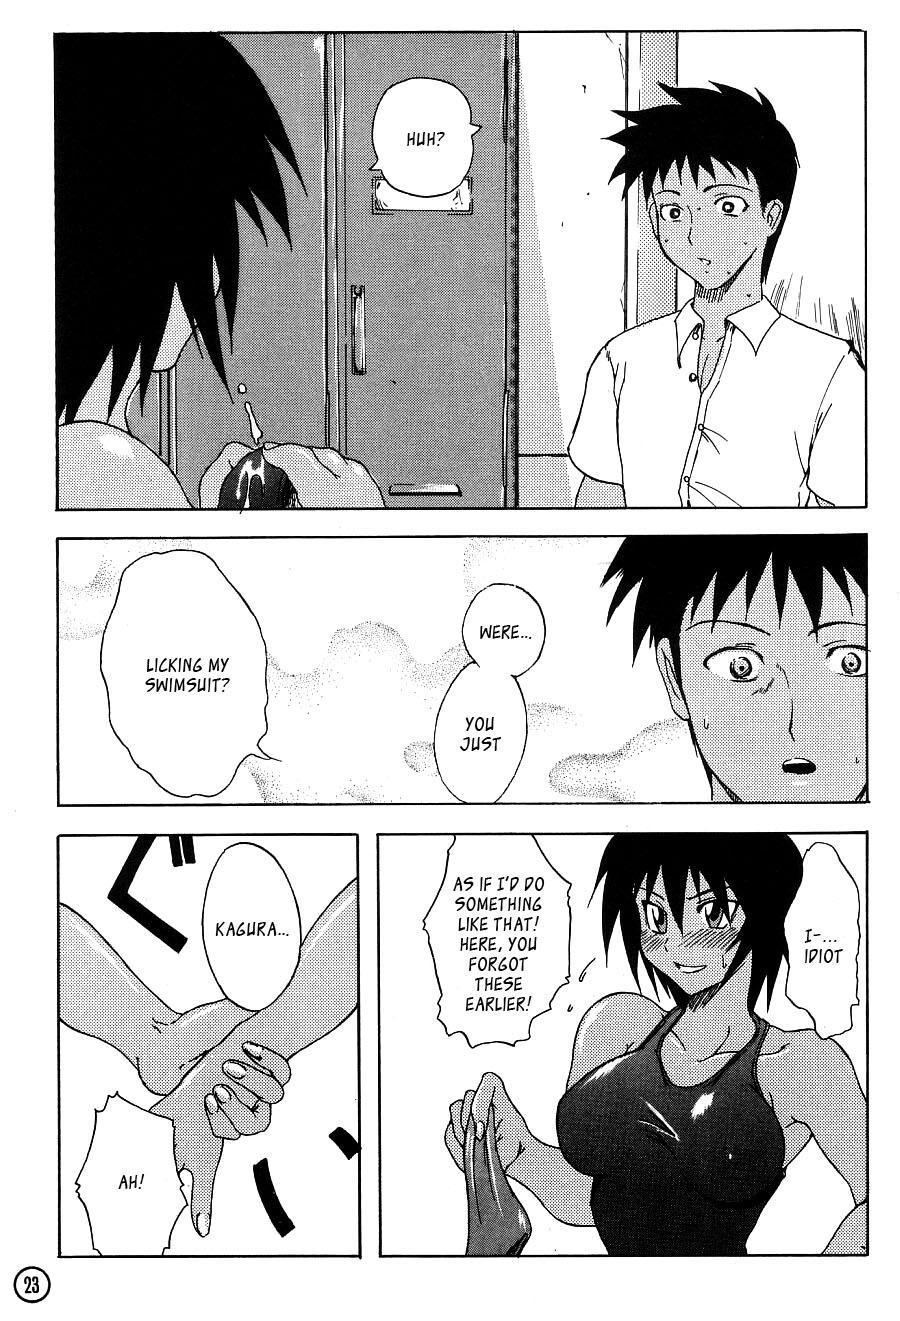 Kagura Man | Kagurapussy 4